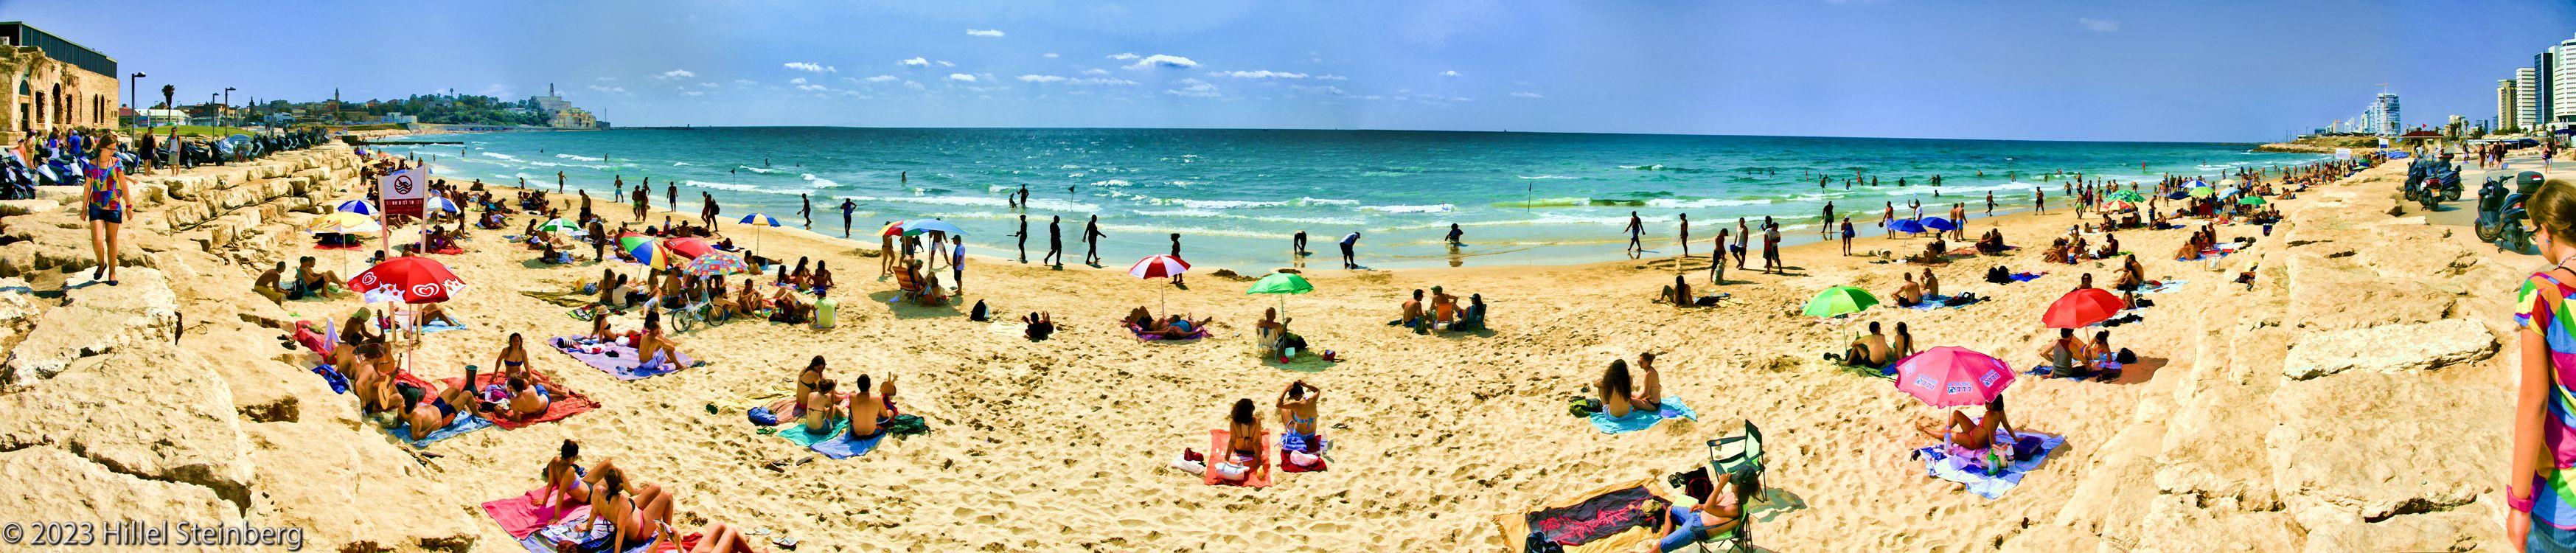 Panorama of Tel-Aviv's Beach, Summer 2011